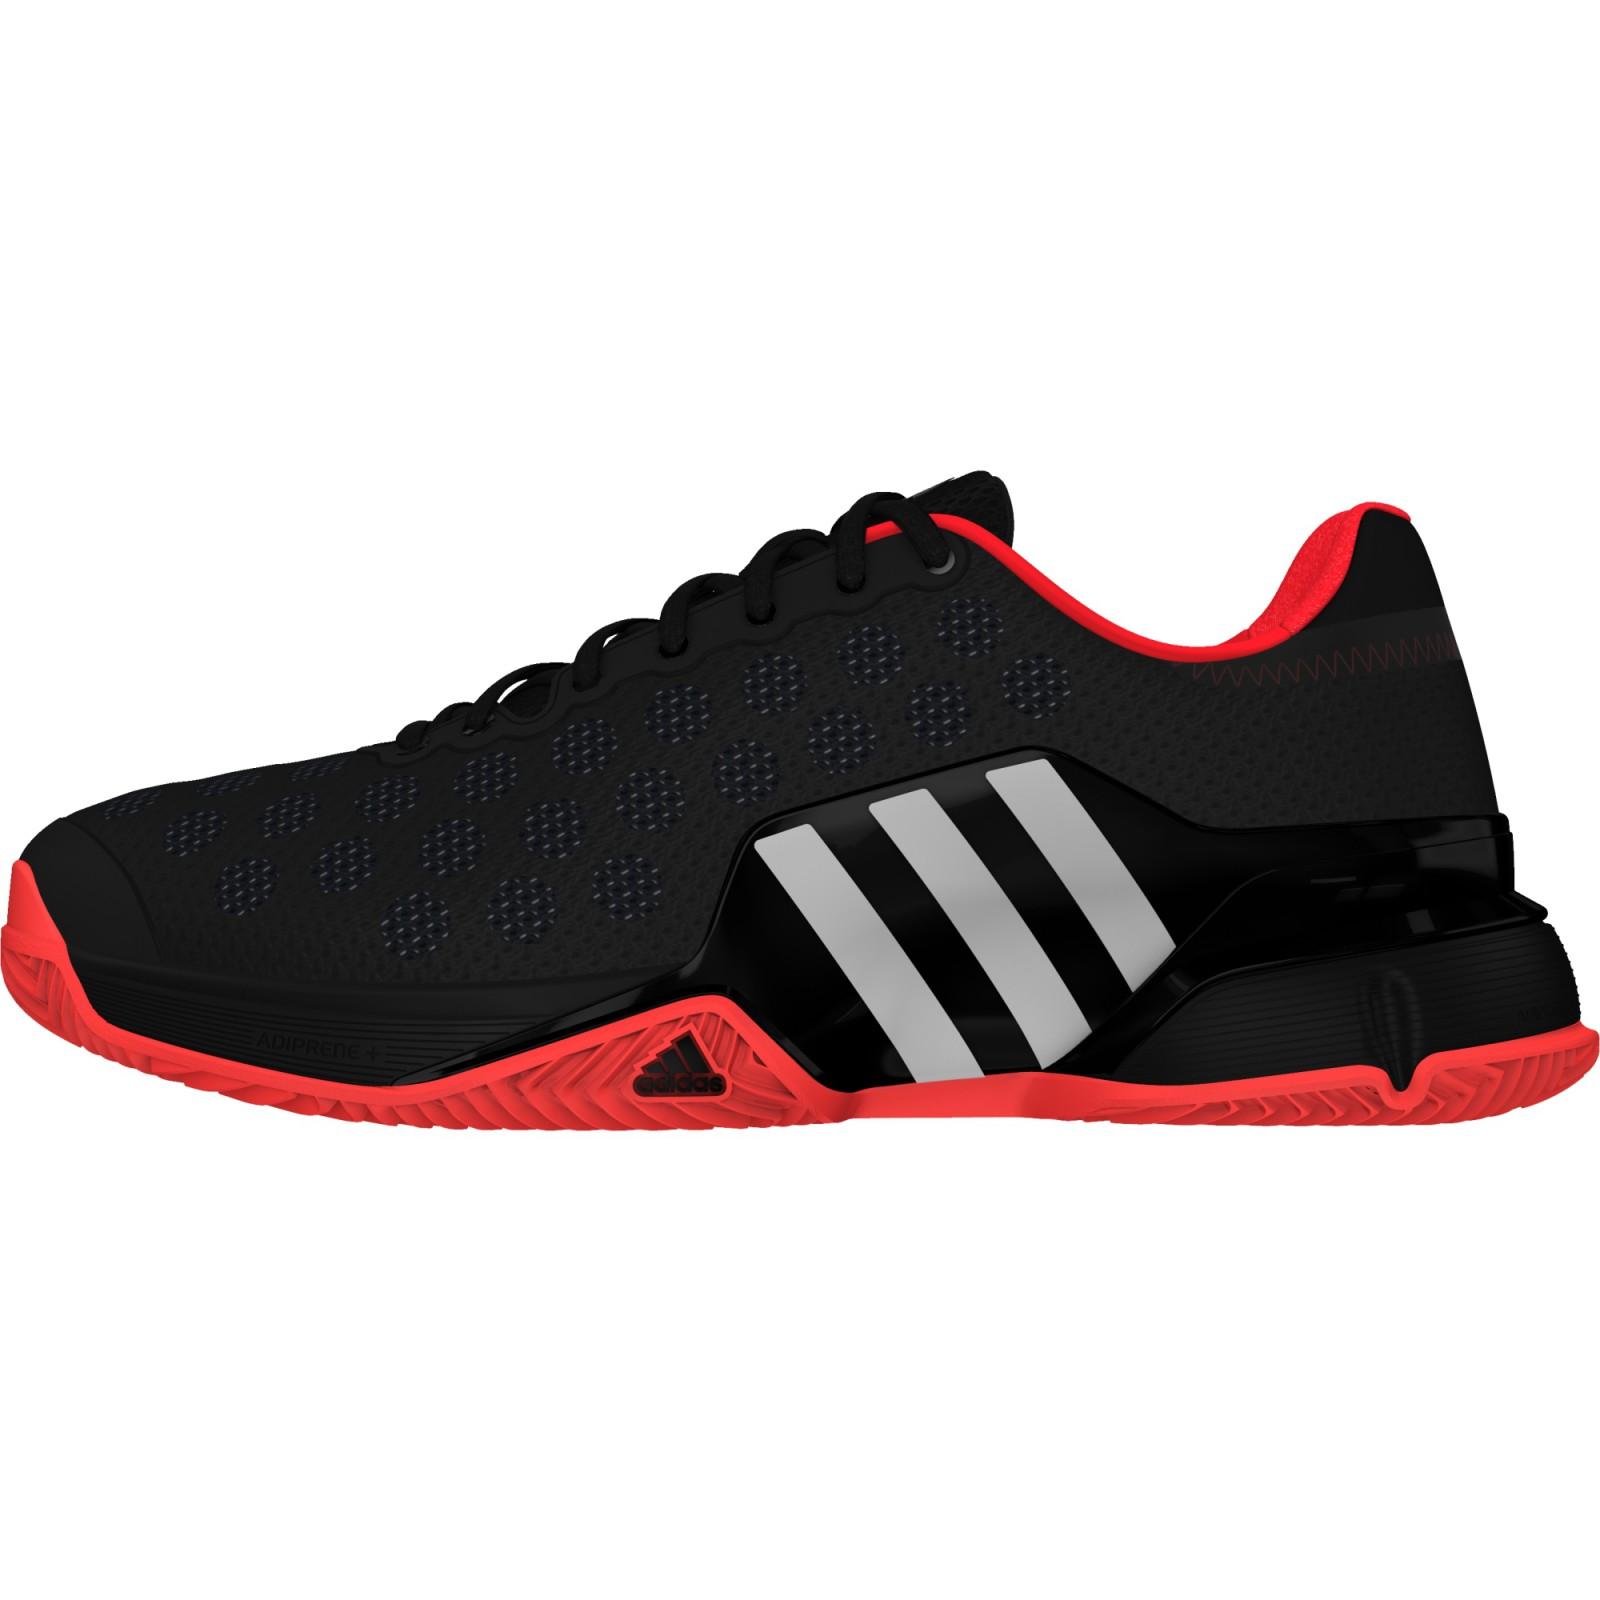 7f742c1522b Pánské tenisové boty adidas barricade 2015 clay